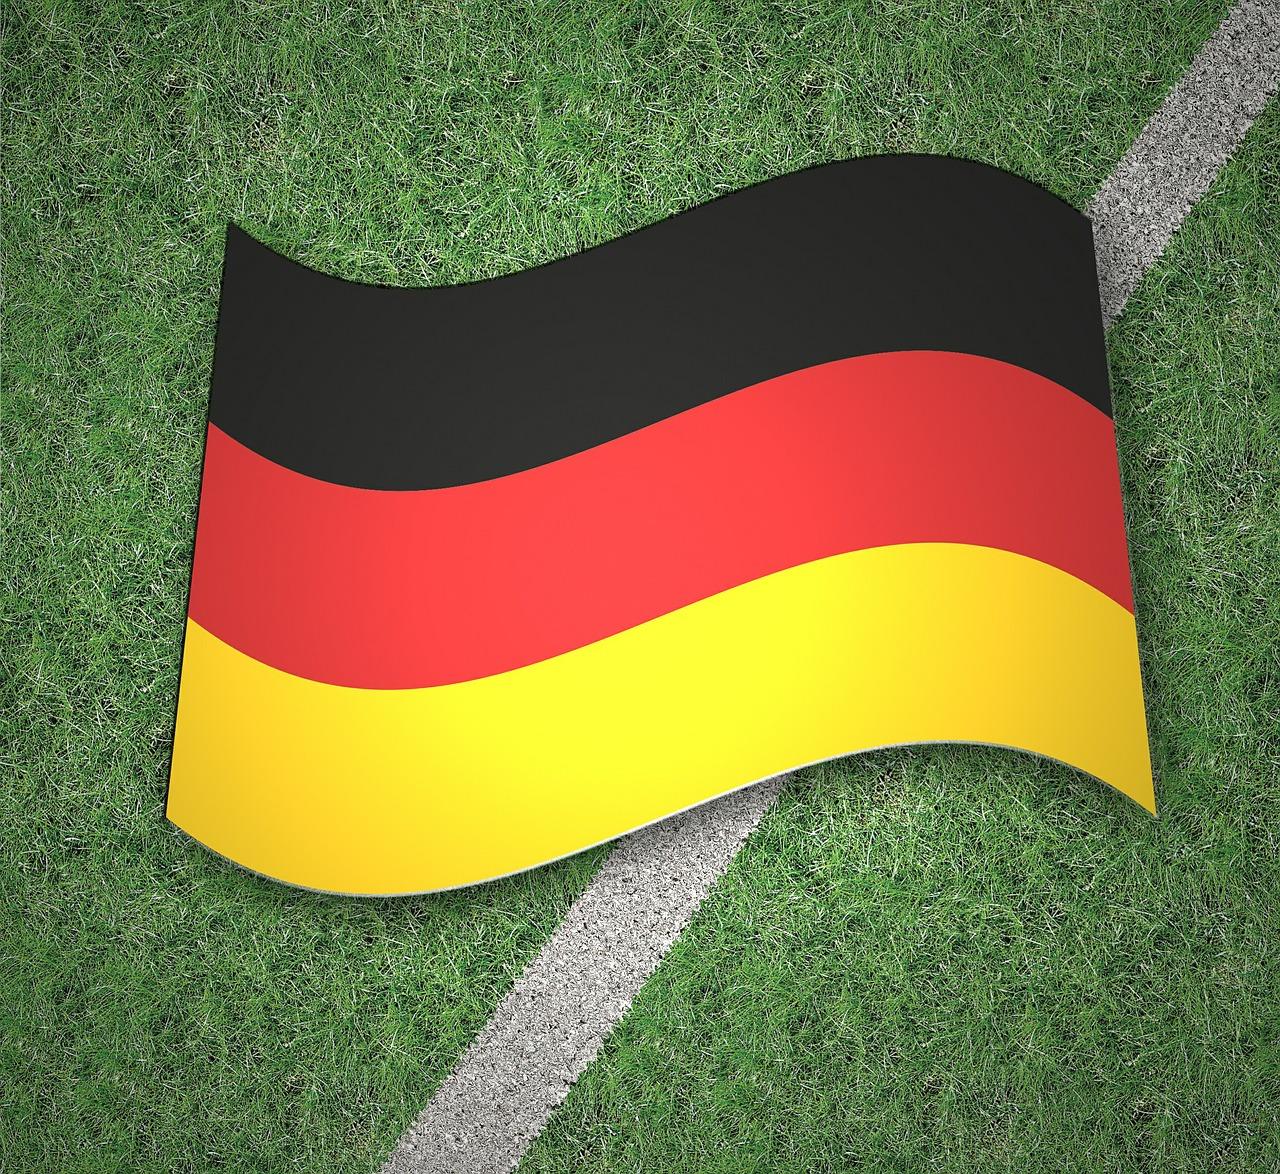 flag-374802_1280-hslergr1-pixabaycom